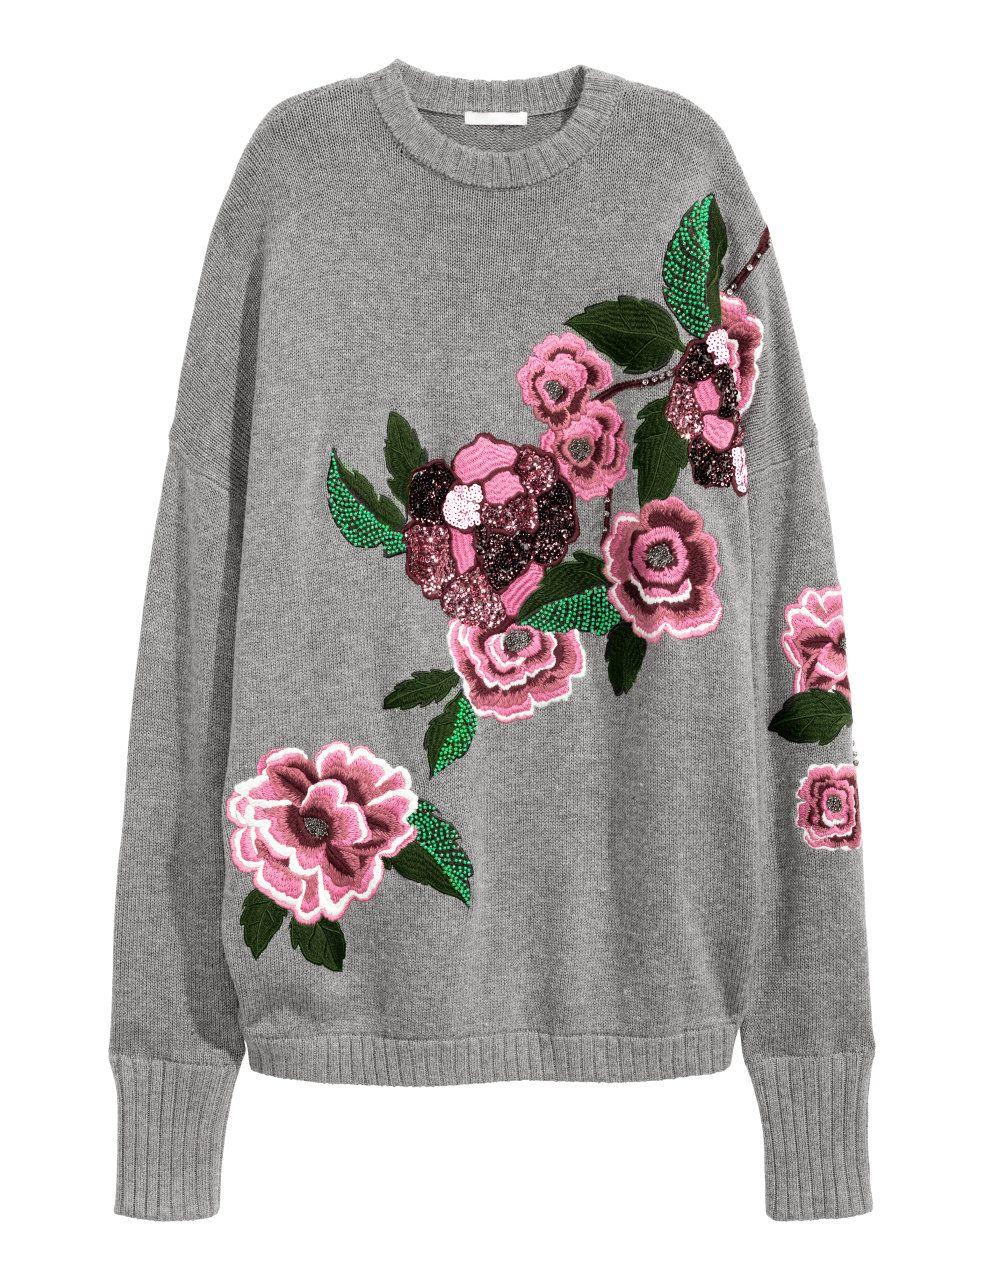 Grauer Pullover mit Rosen Print von H&M